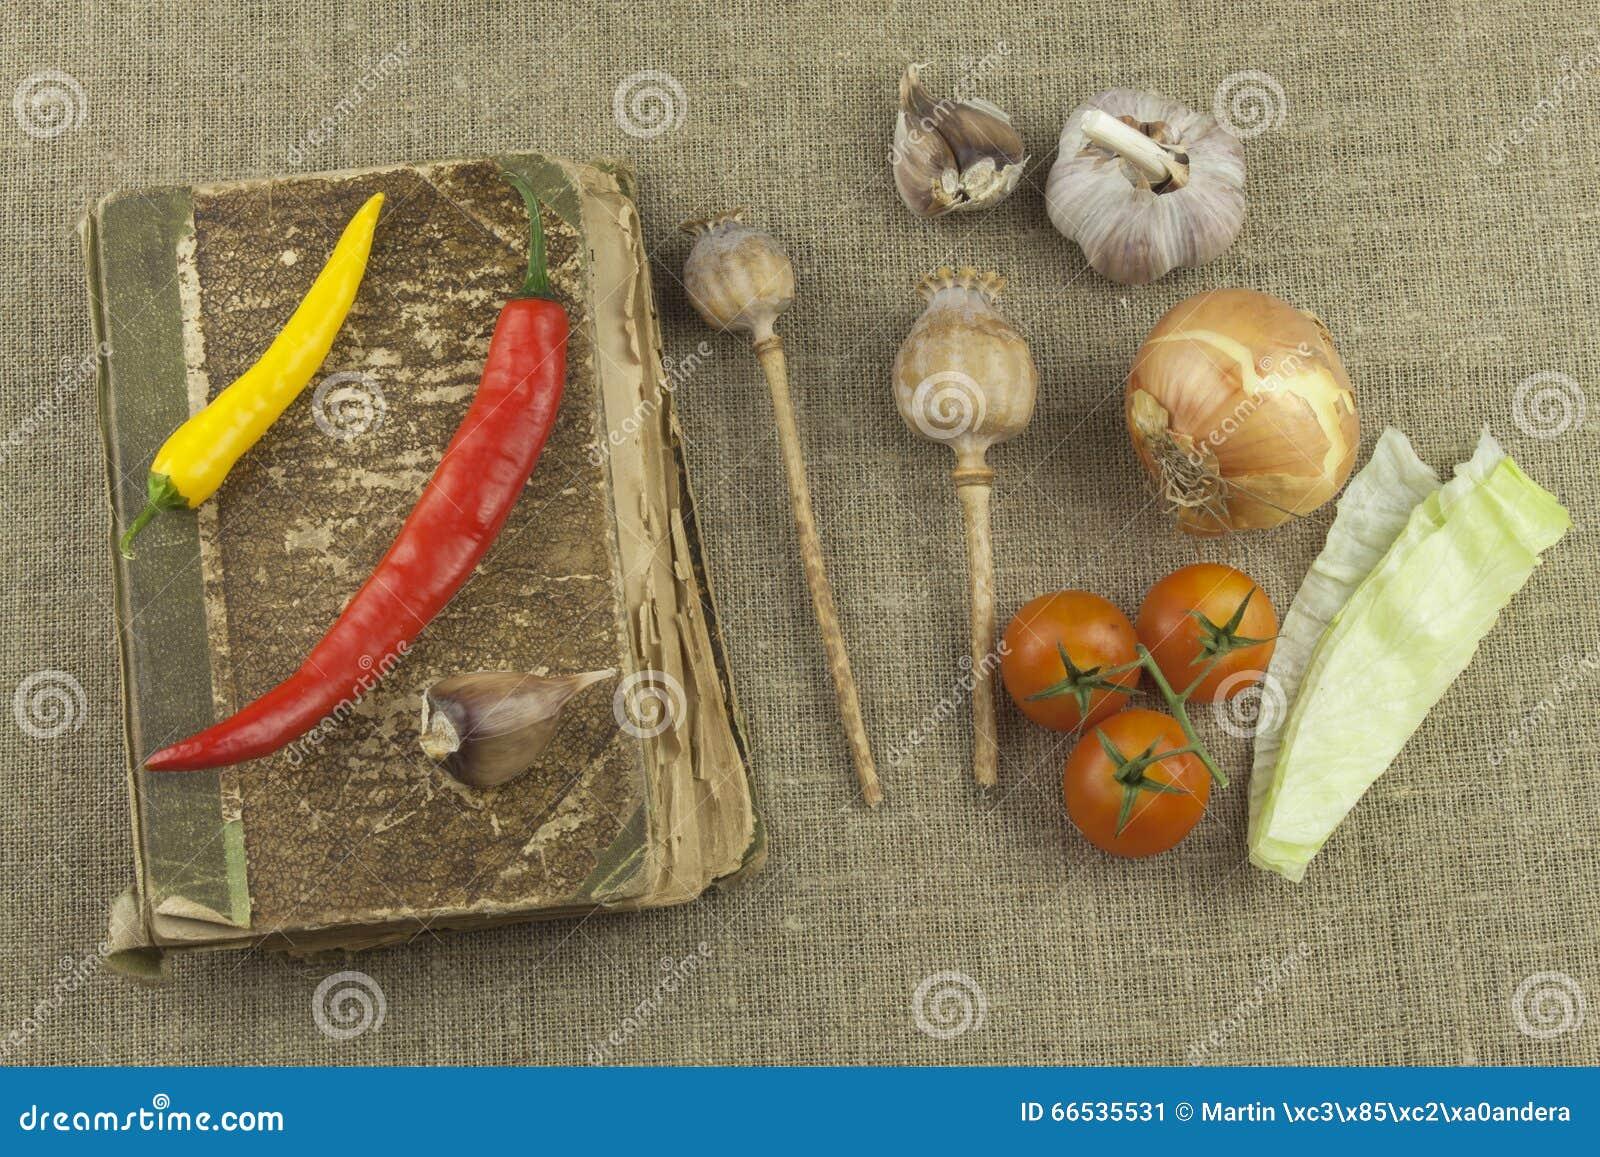 Piments Avec Un Vieux Livre De Recette Legumes Prets Pour La Cuisine